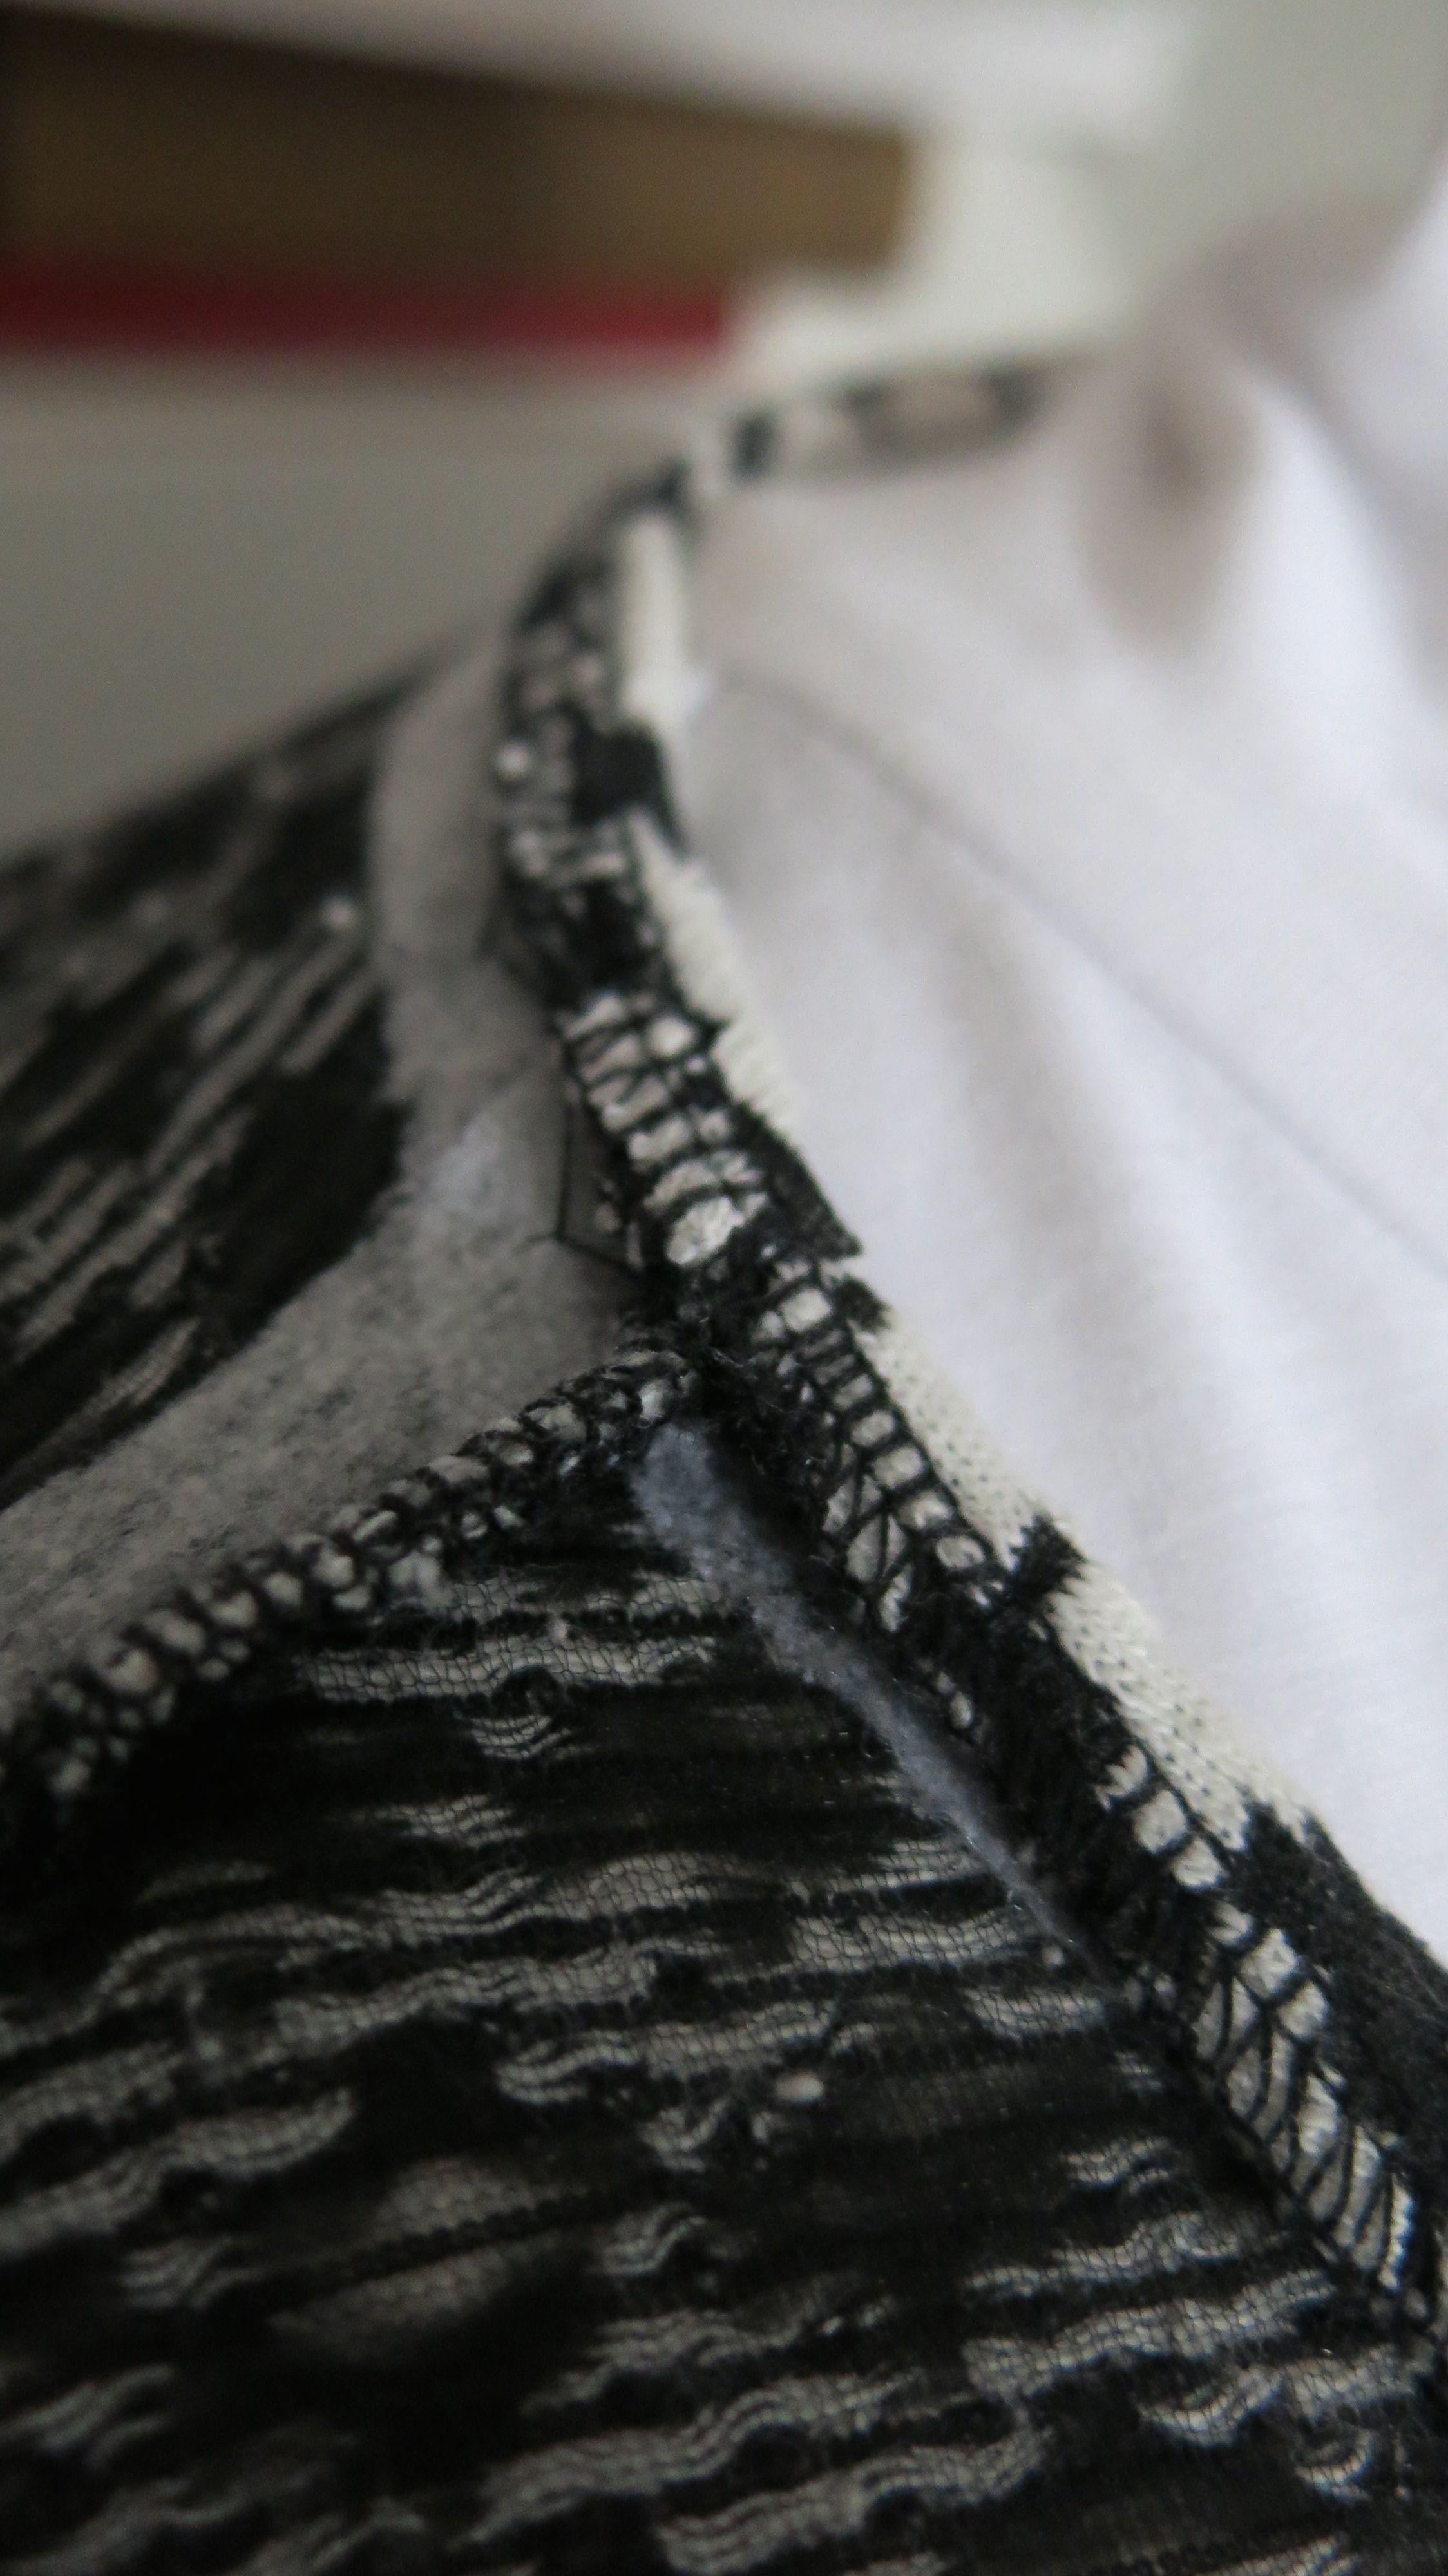 Hahnentrittstrickkleid Detail Saumloesung 1